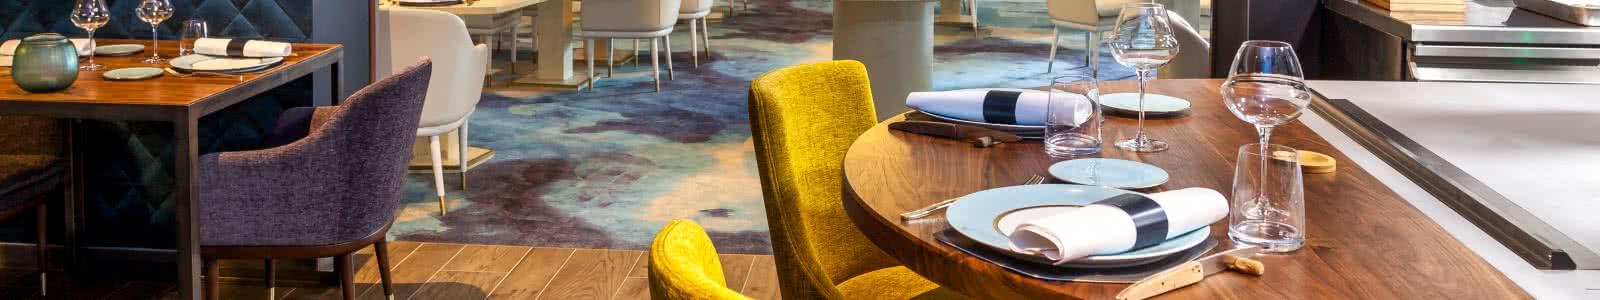 Salle restaurant la Maison d'à Côté ©la Maison d'à Côté